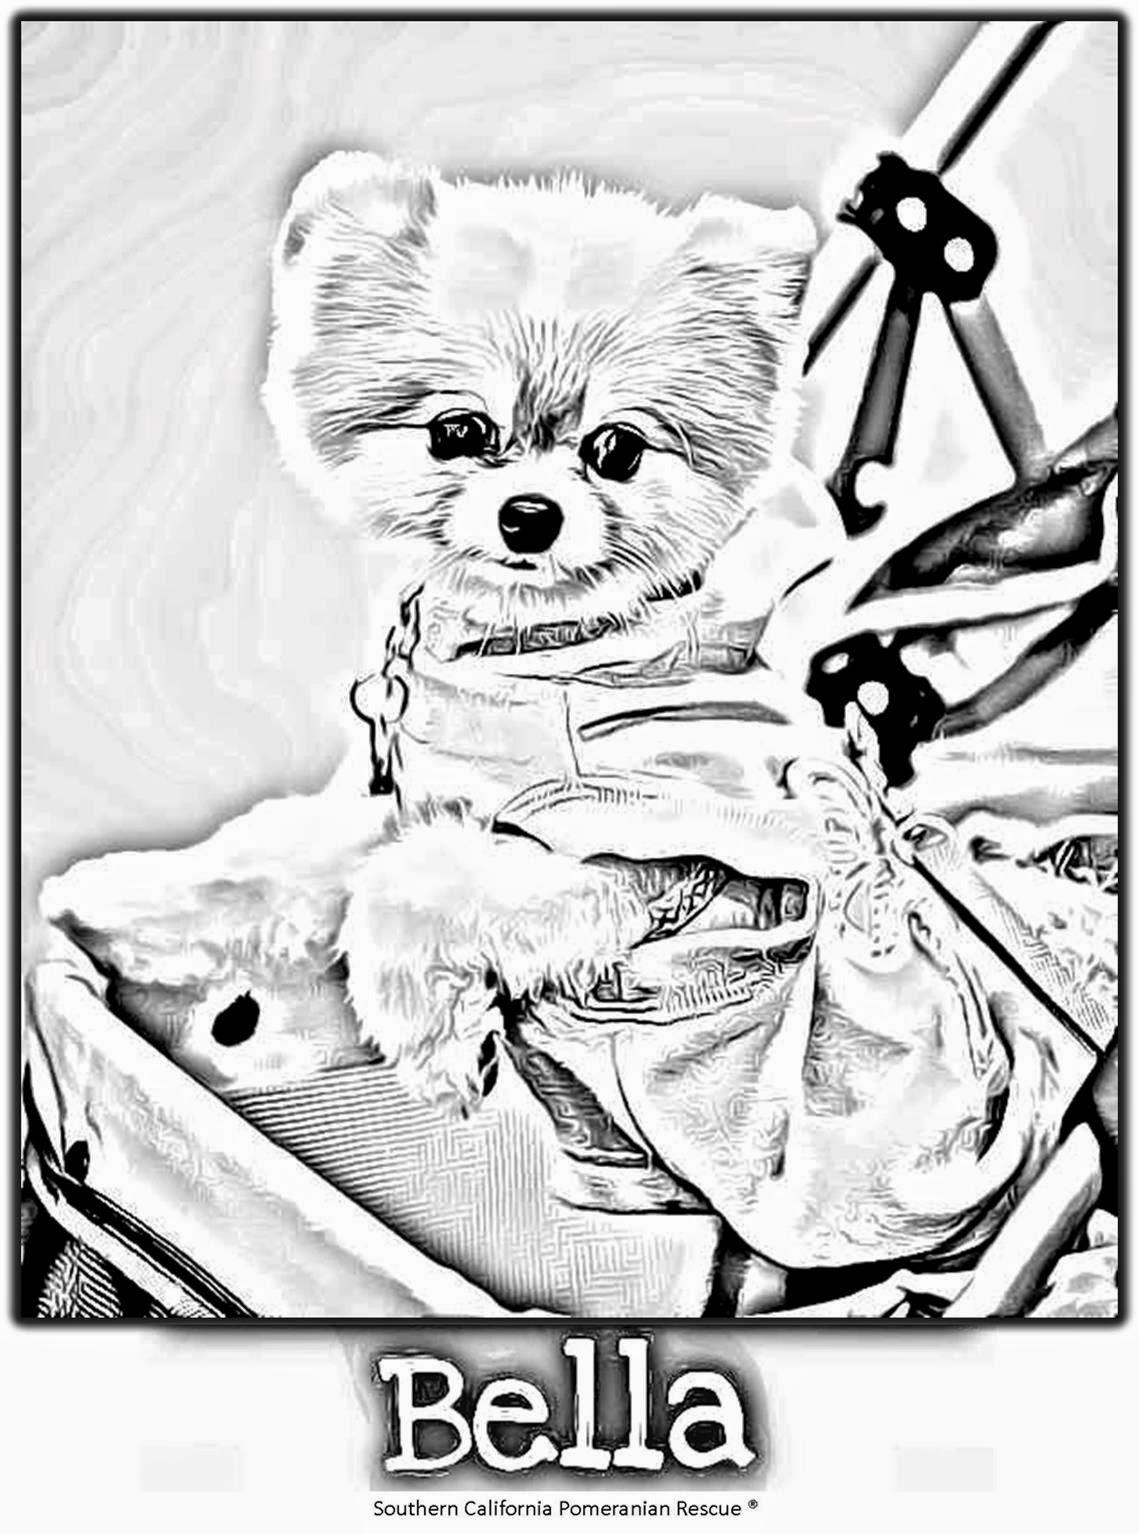 SoCalPomRescue SCPR: Bella Pomeranian - The 800 PetMEDS Dog